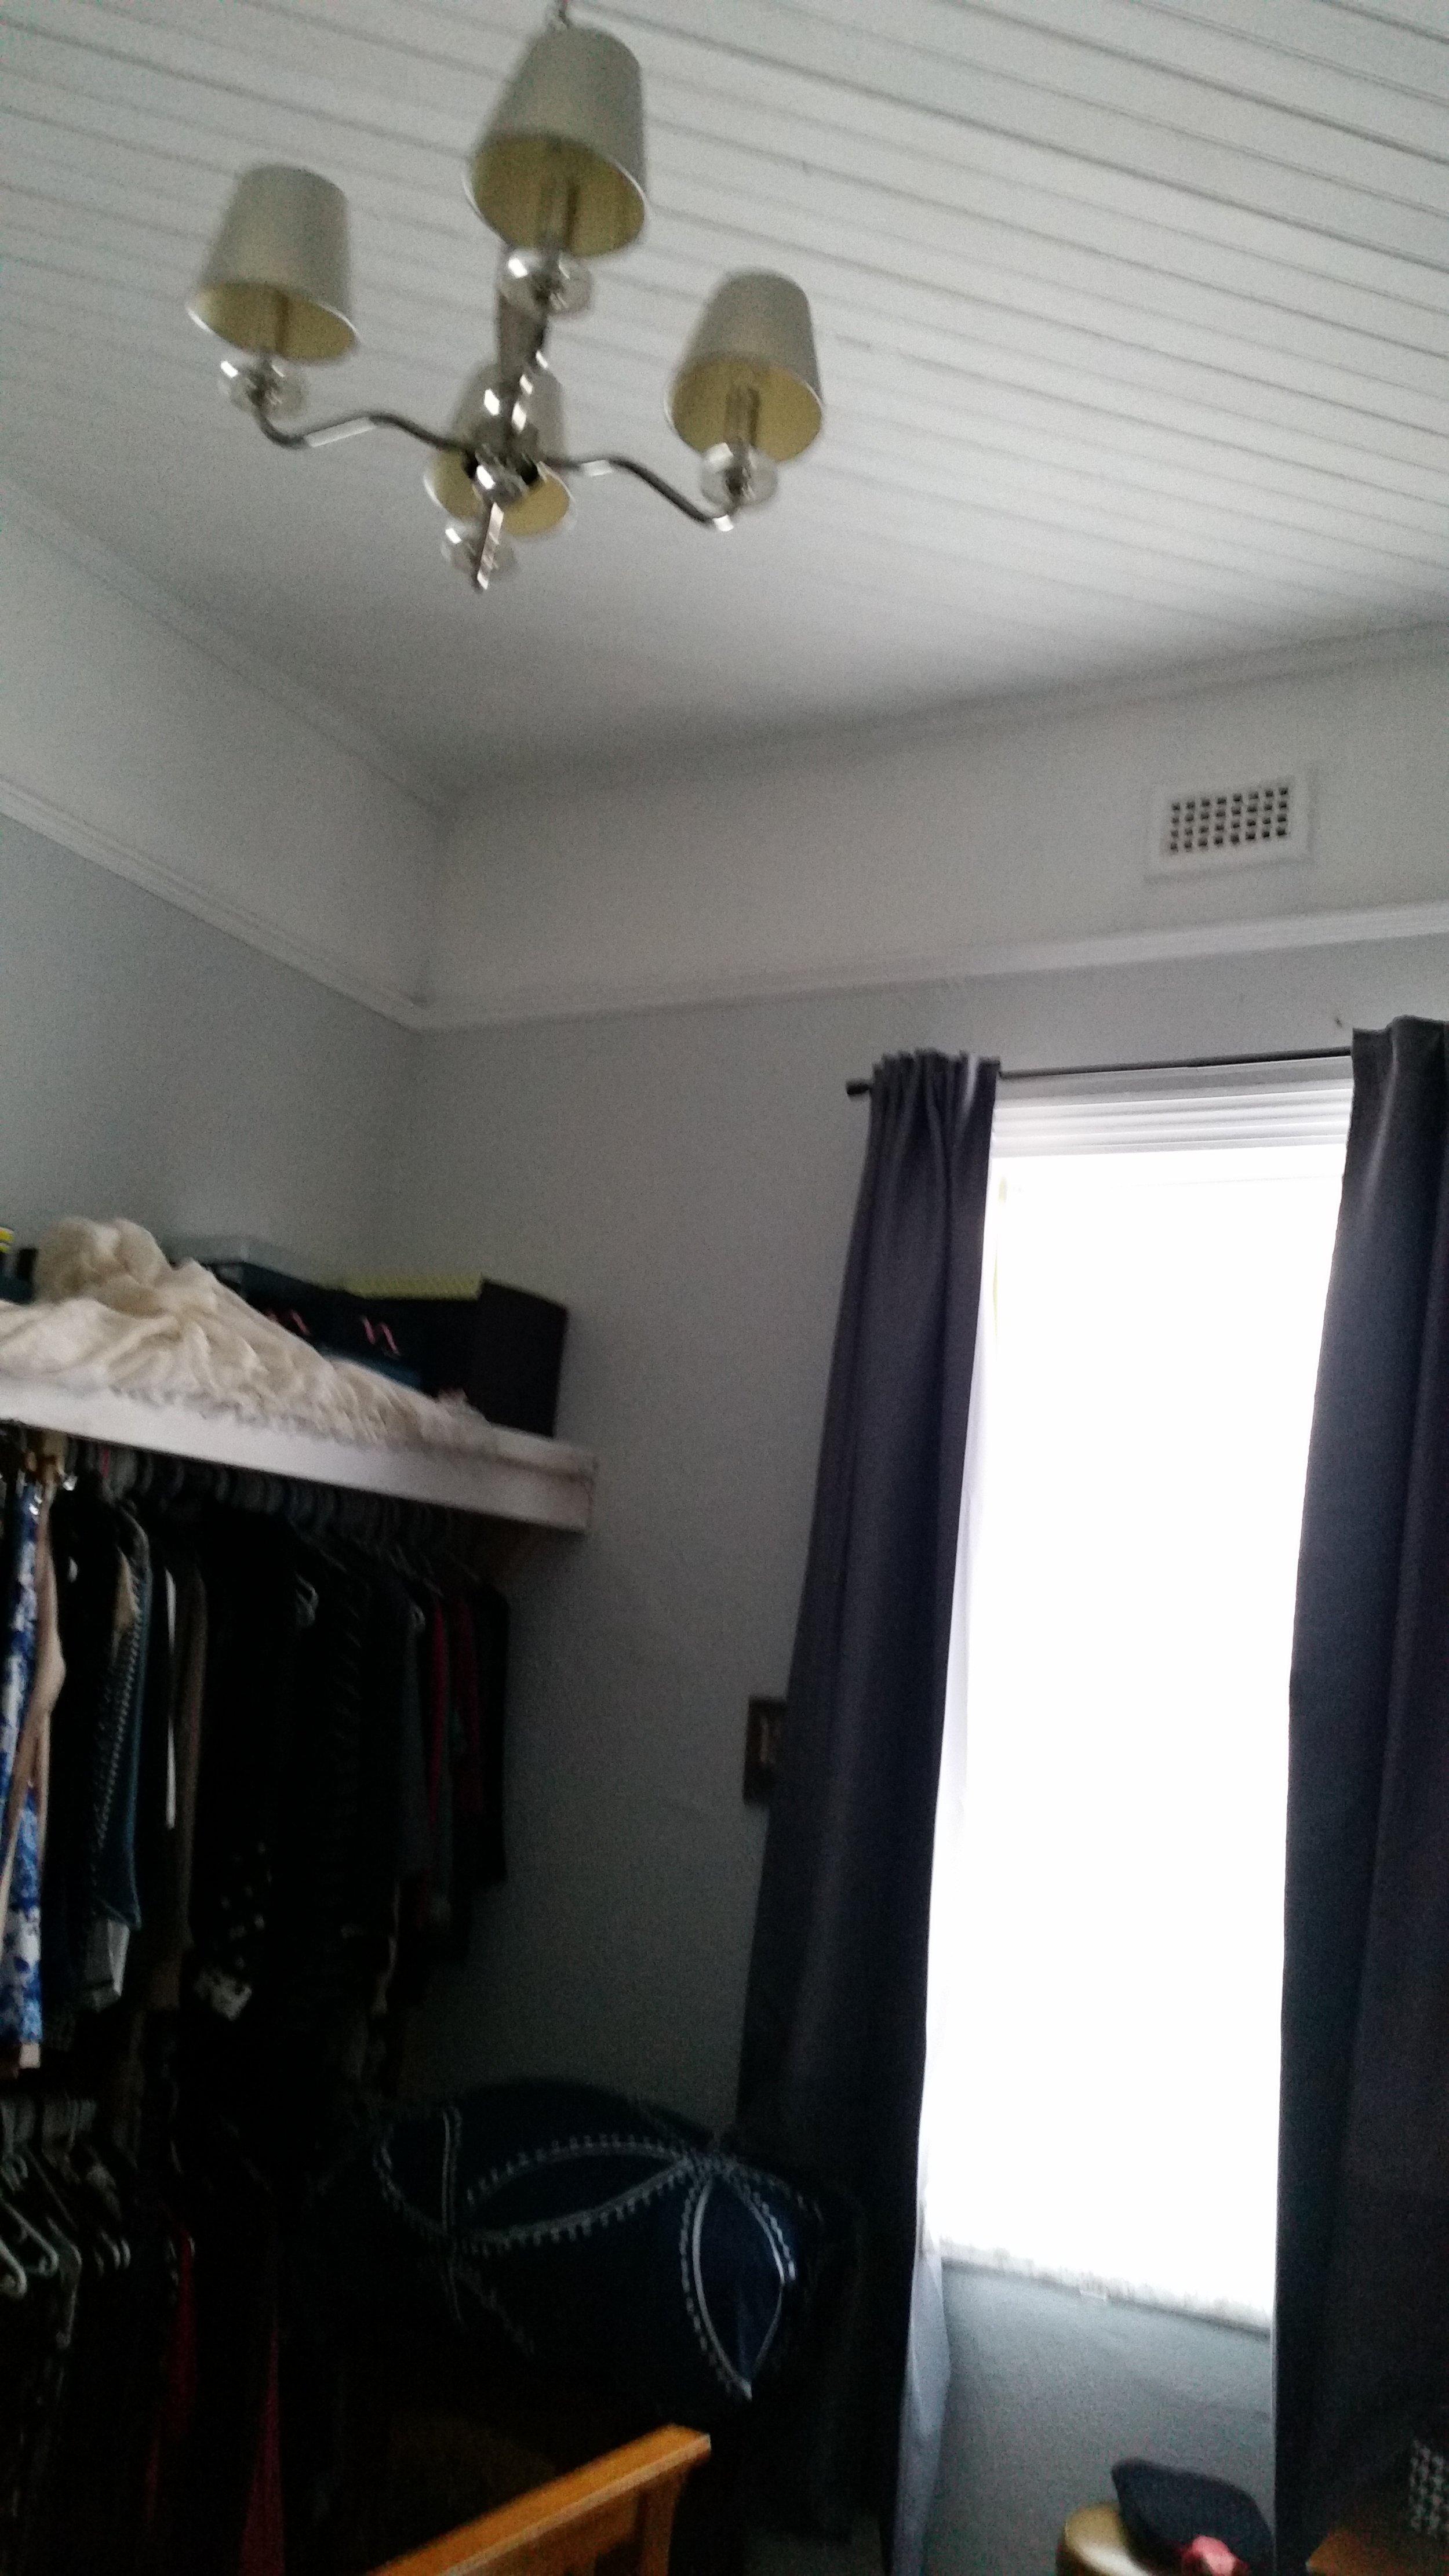 Bedroom design before renovation by Melbourne interior designer Meredith Lee